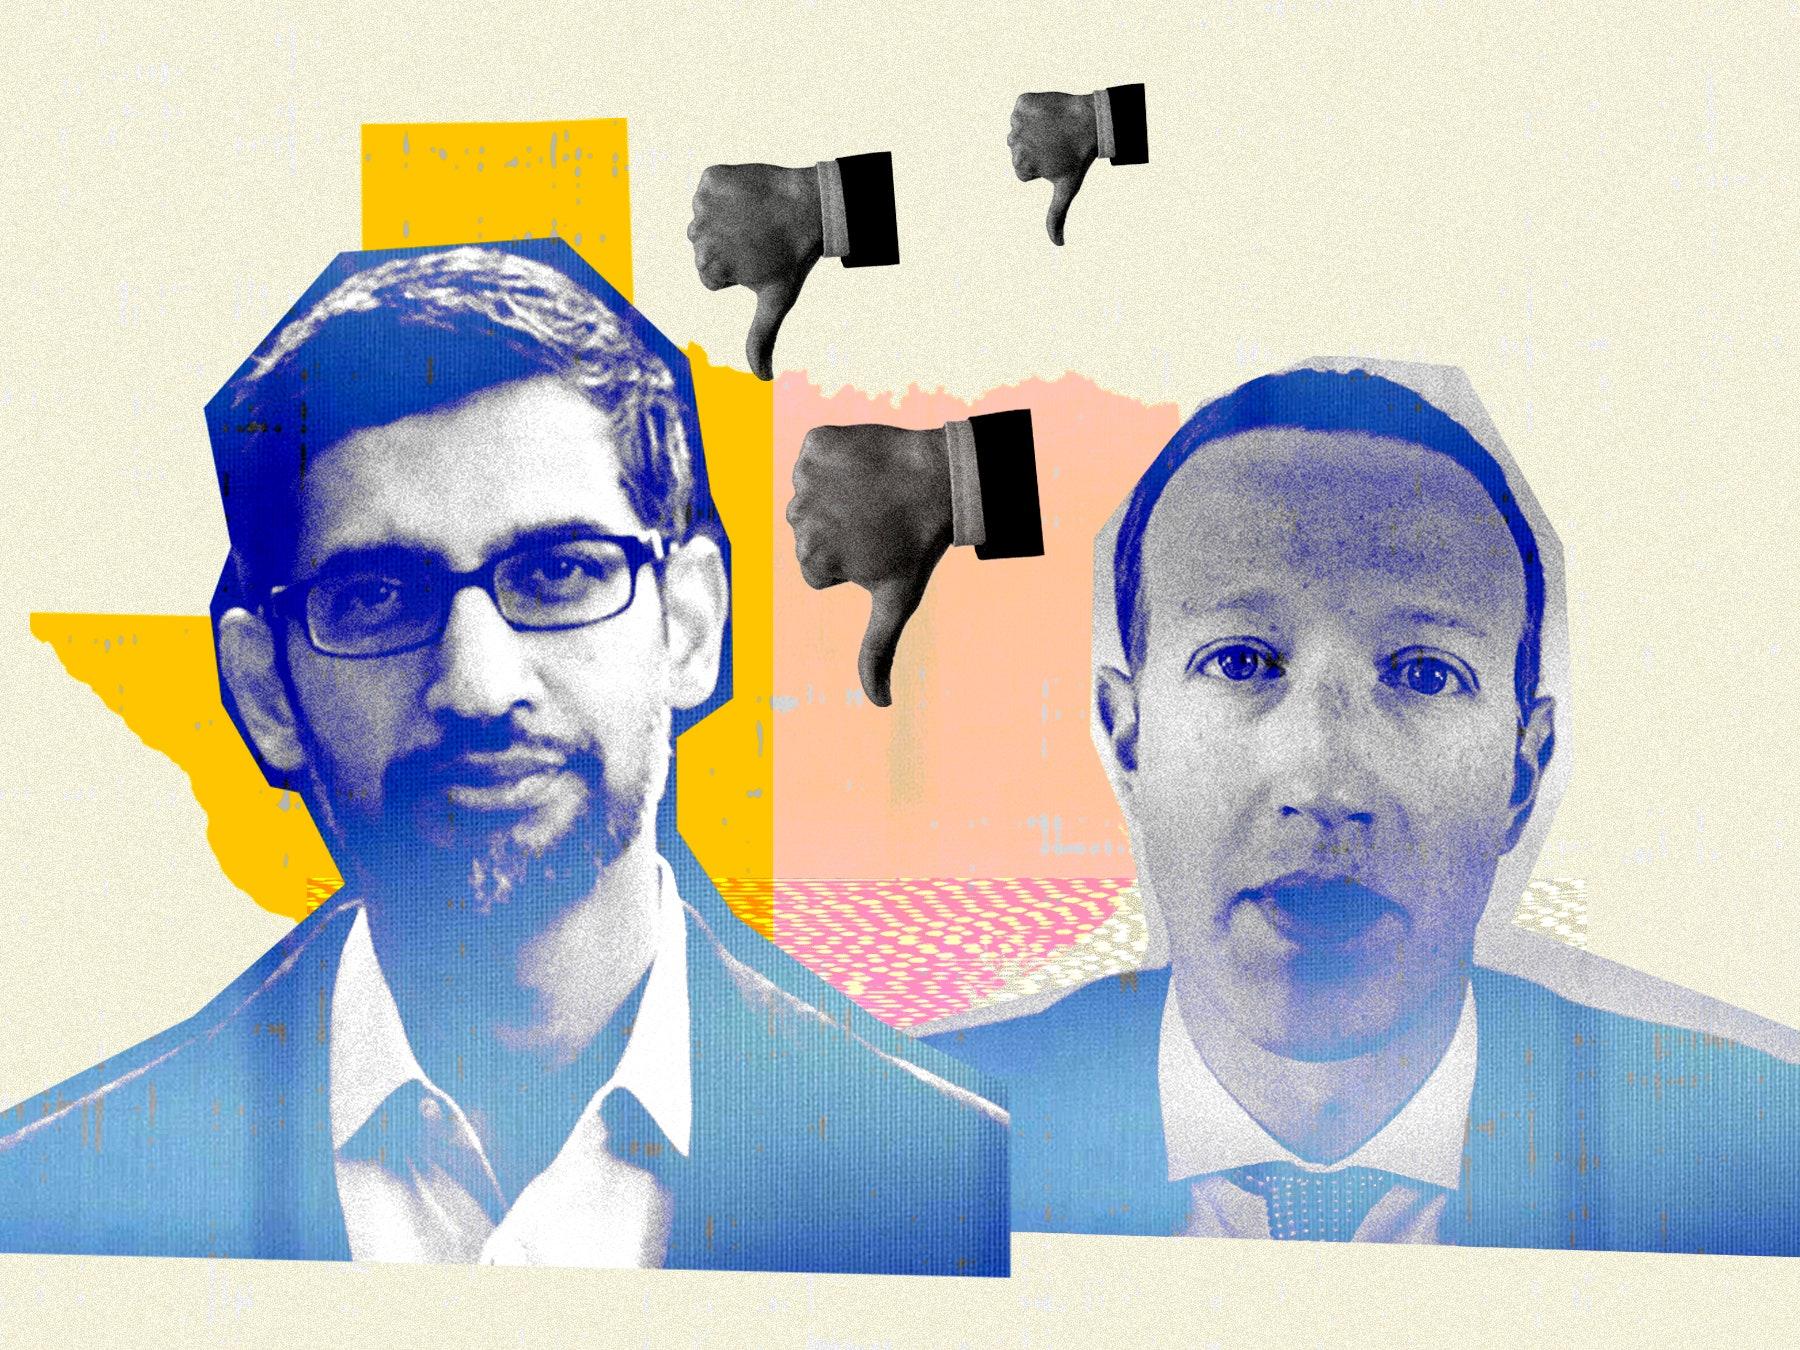 تكساس تسن قانون يسمح للأشخاص بمقاضاة فيس بوك وتويتر